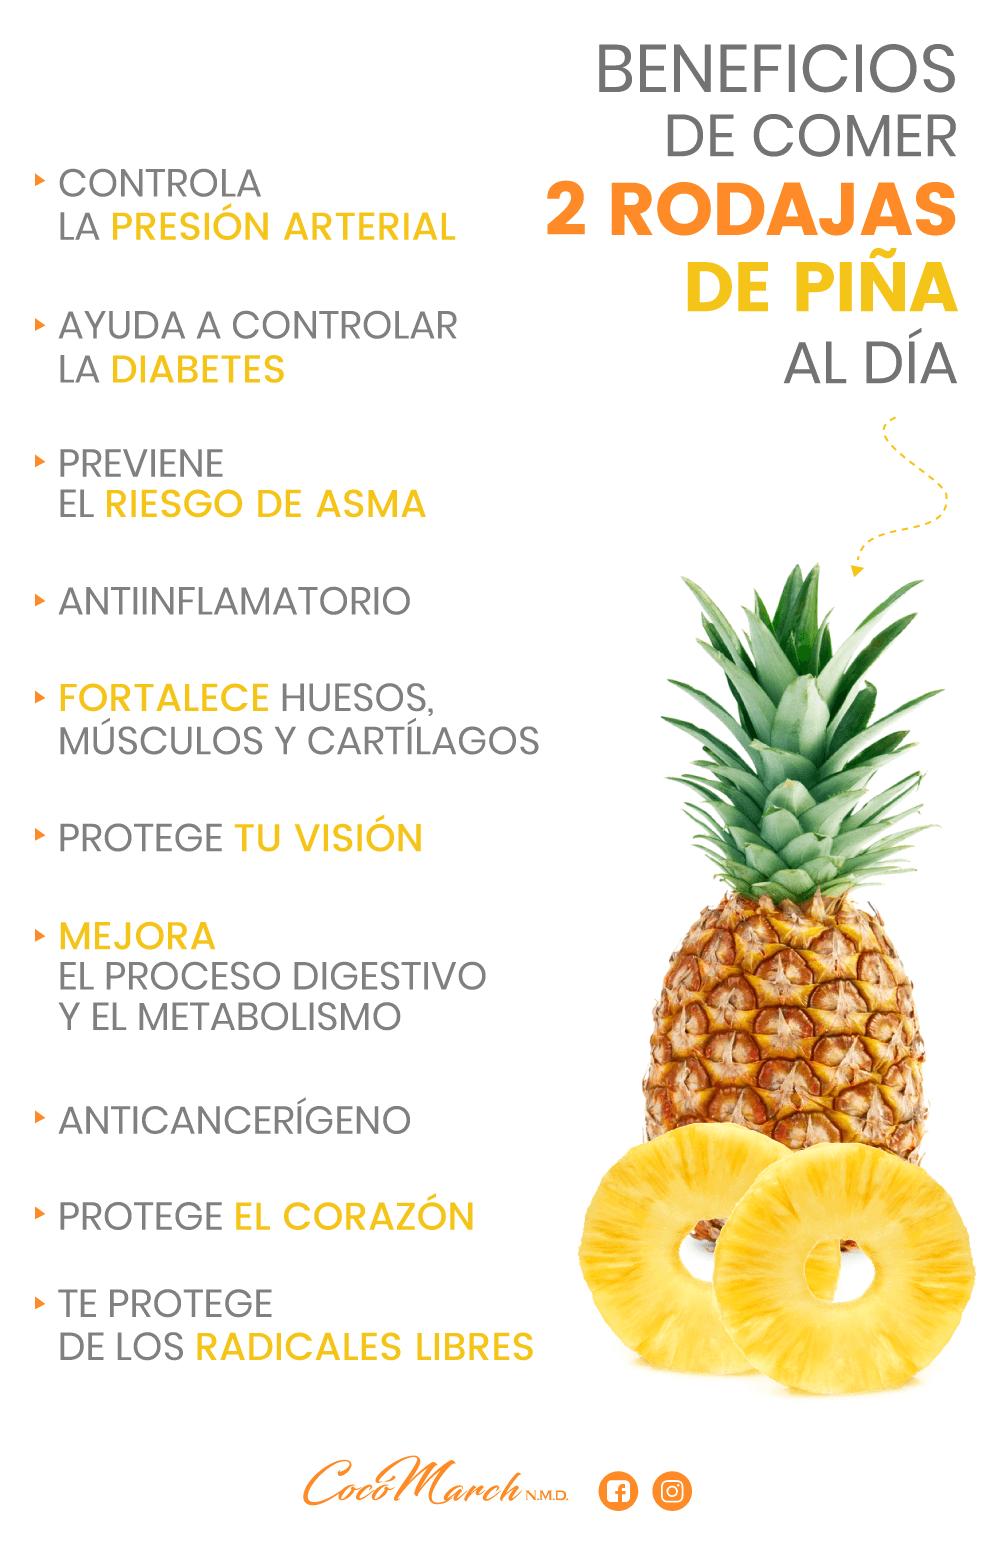 Conoces Los Beneficios De Comer 2 Rodajas De Piña Al Día Coco March